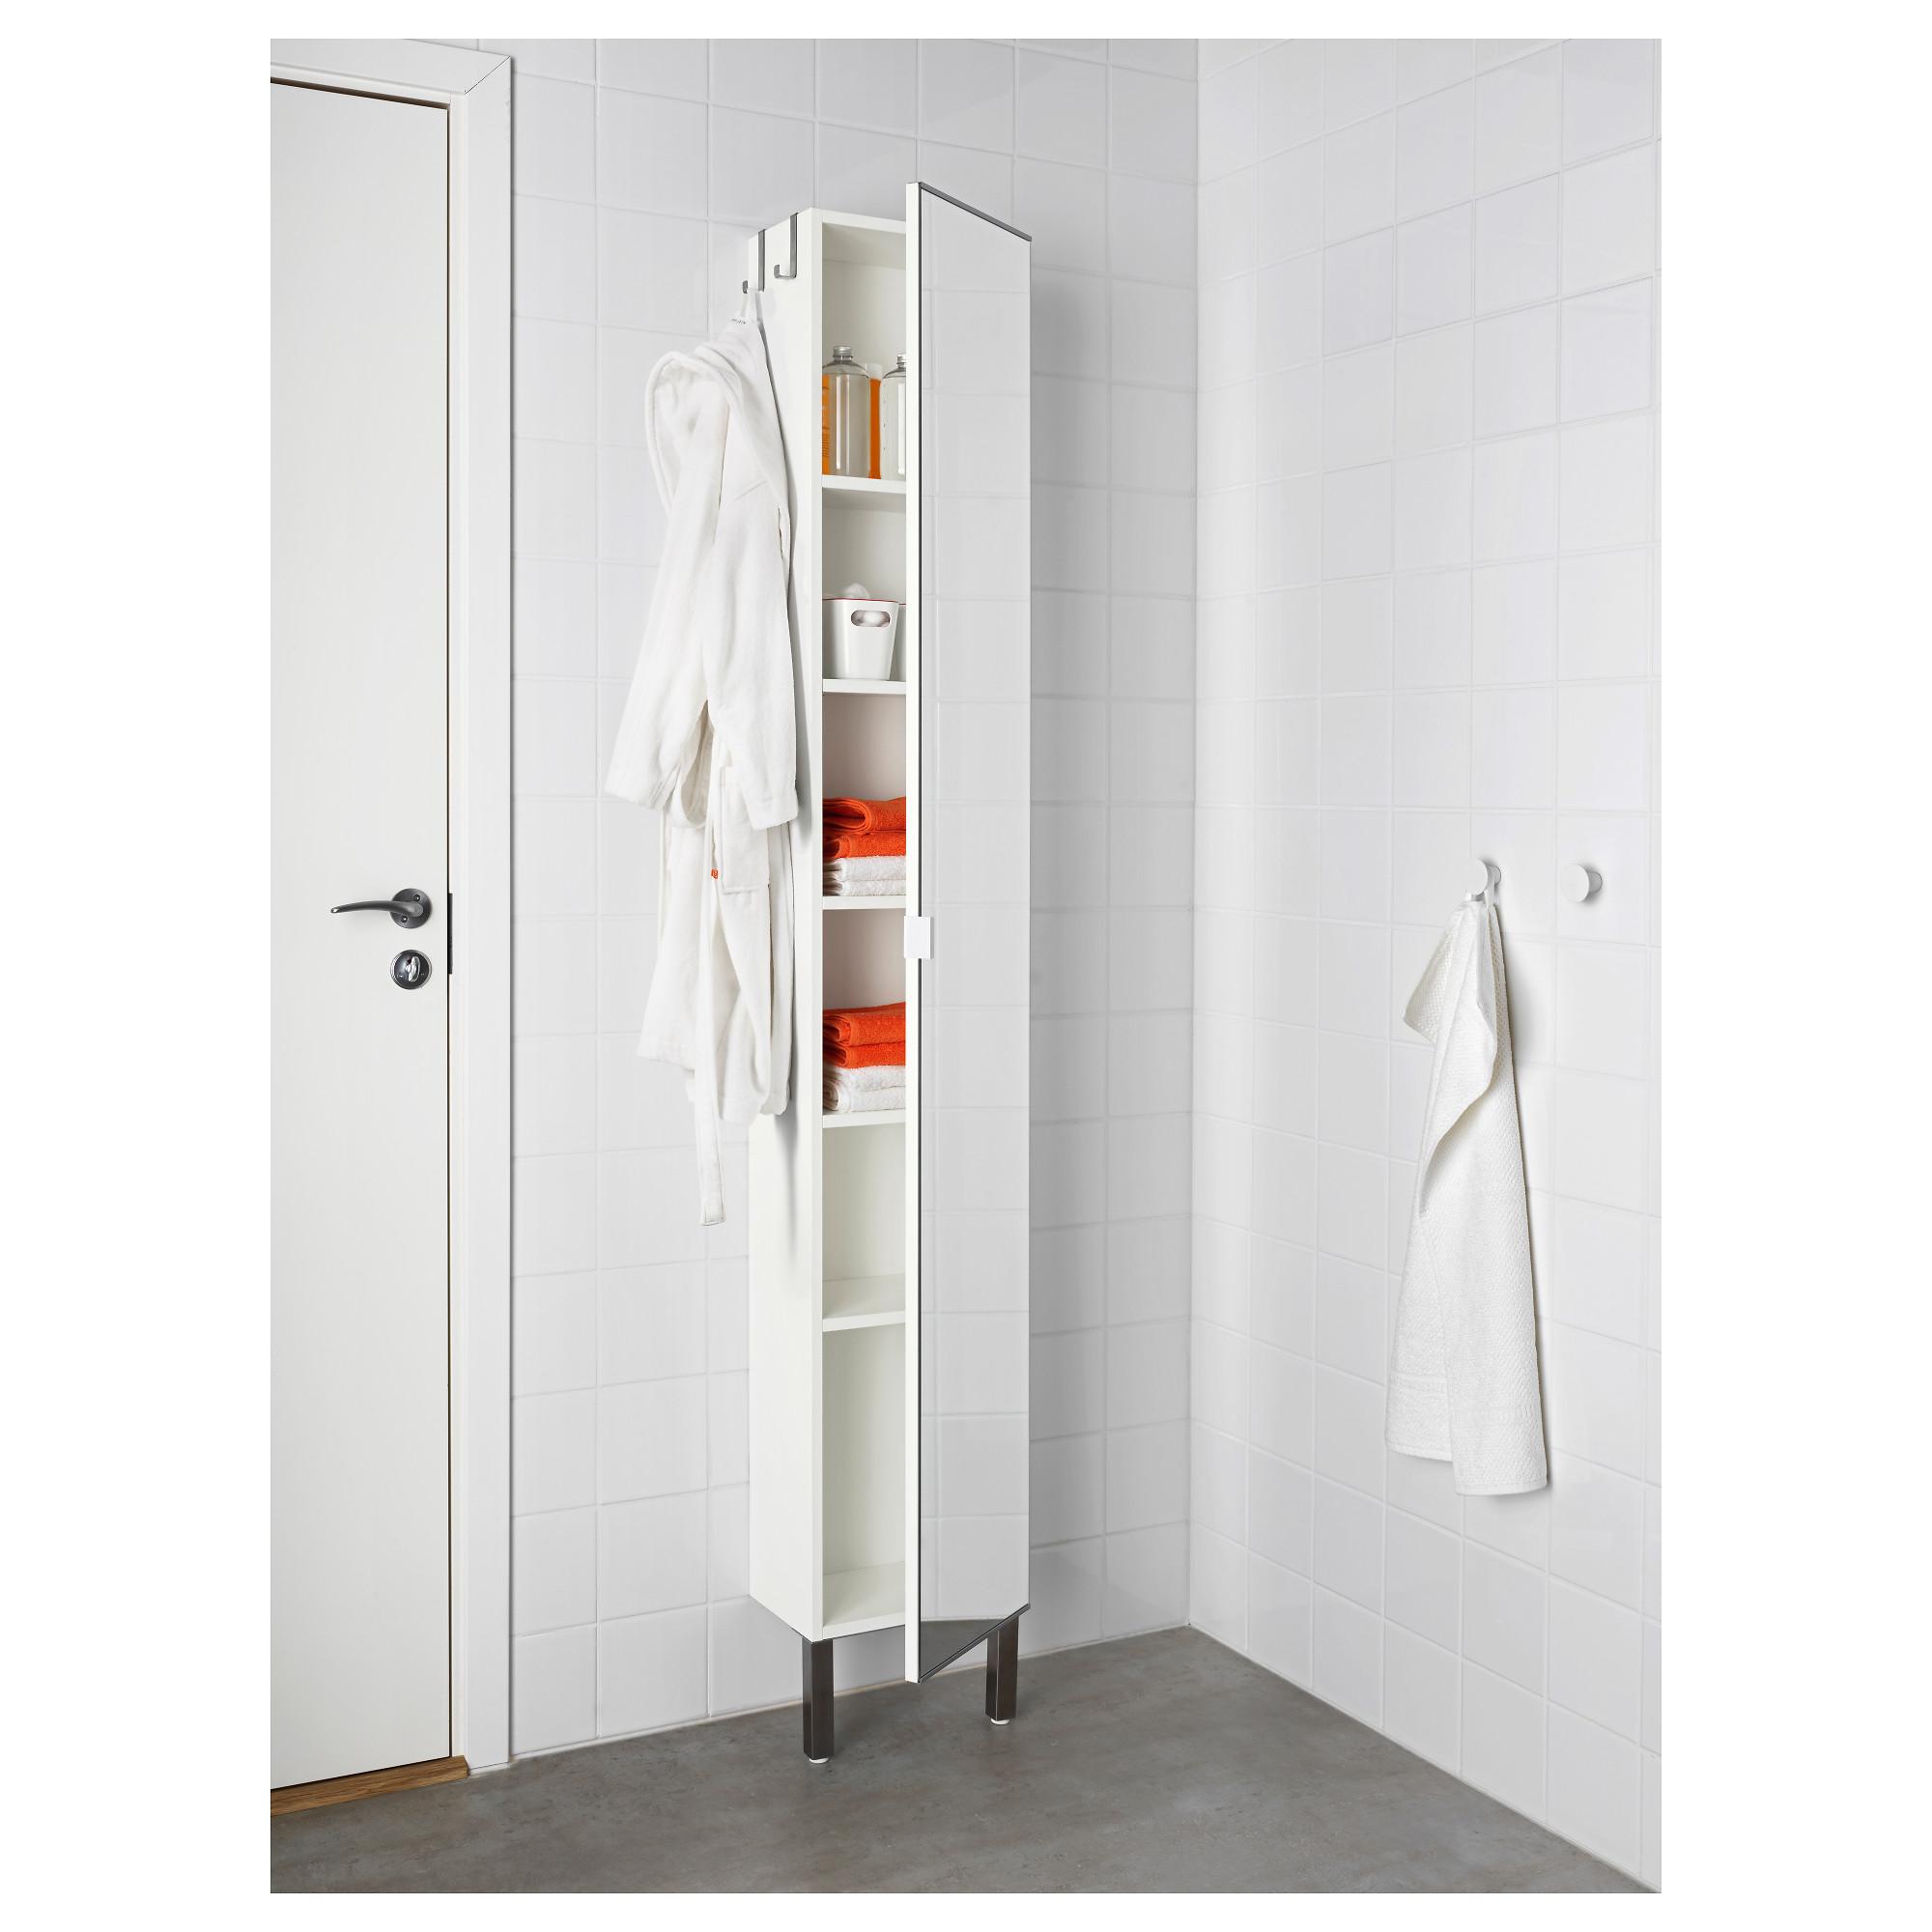 Лиллонген, высокий шкаф с зеркальной дверцей в шатуре.